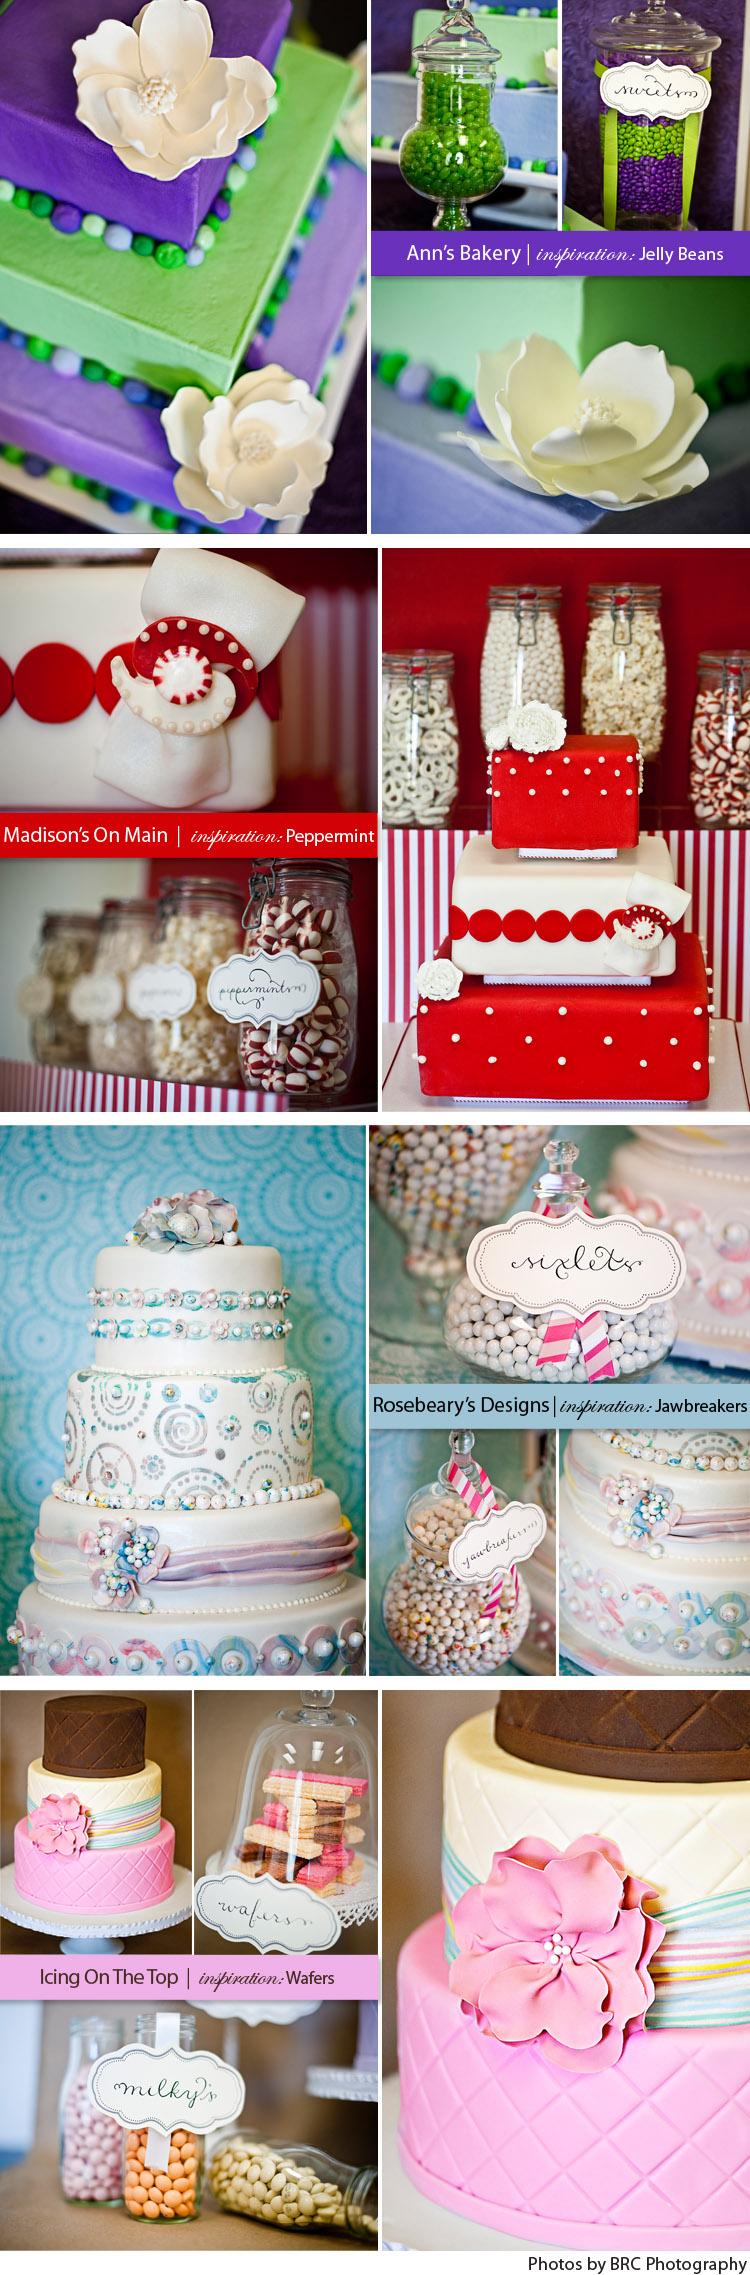 Oklahoma wedding cakes - Brides of Oklahoma